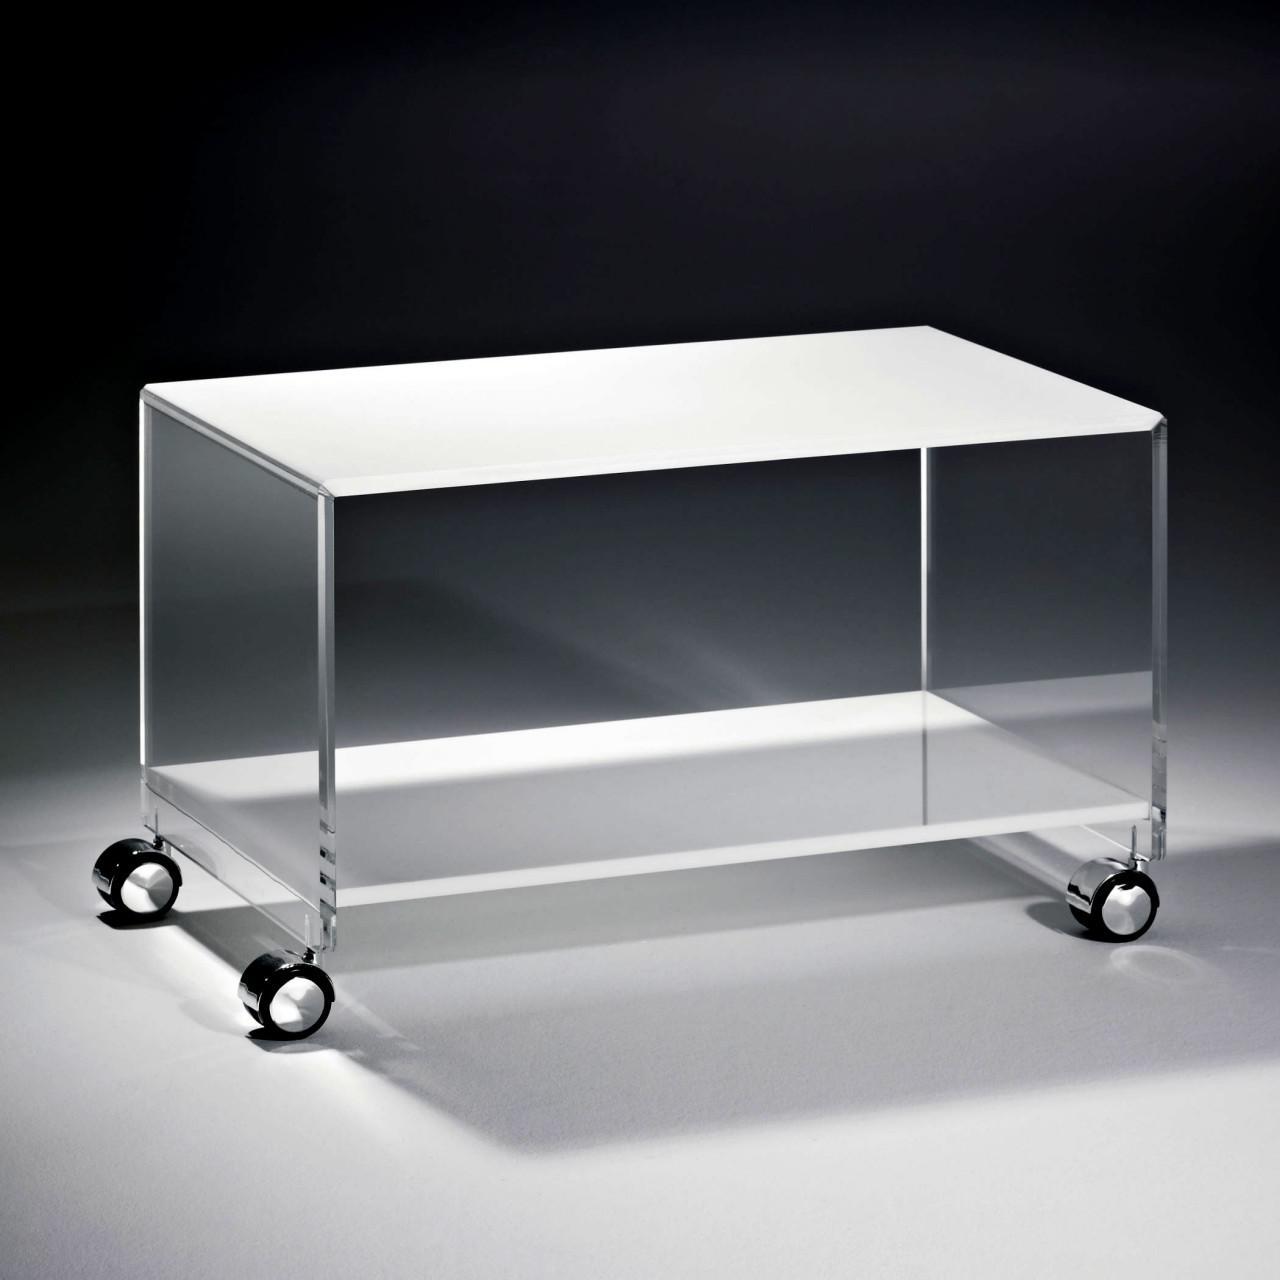 Astounding Couchtisch Acryl Sammlung Von Hochwertiger Acryl-glas Mit 4 Chromrollen, Tischplatte Und